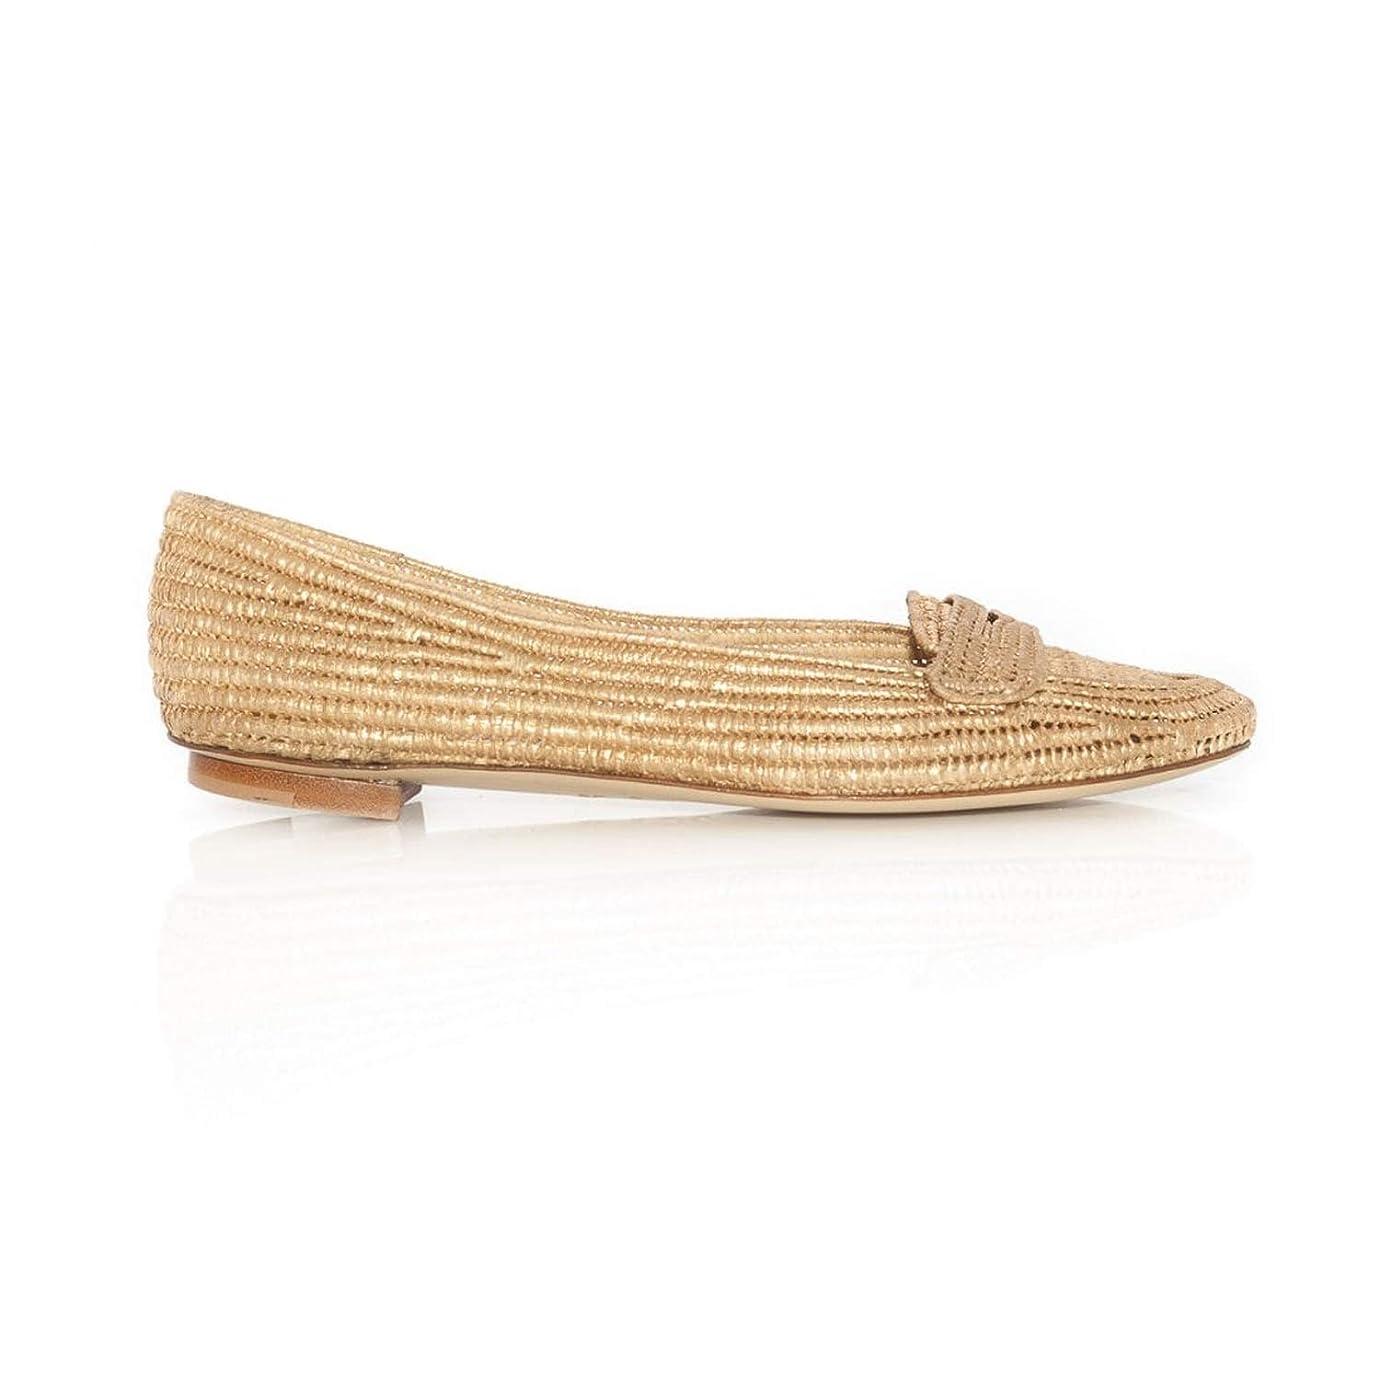 衣服フェザー毛皮Emma Hope's Shoes APPAREL レディース